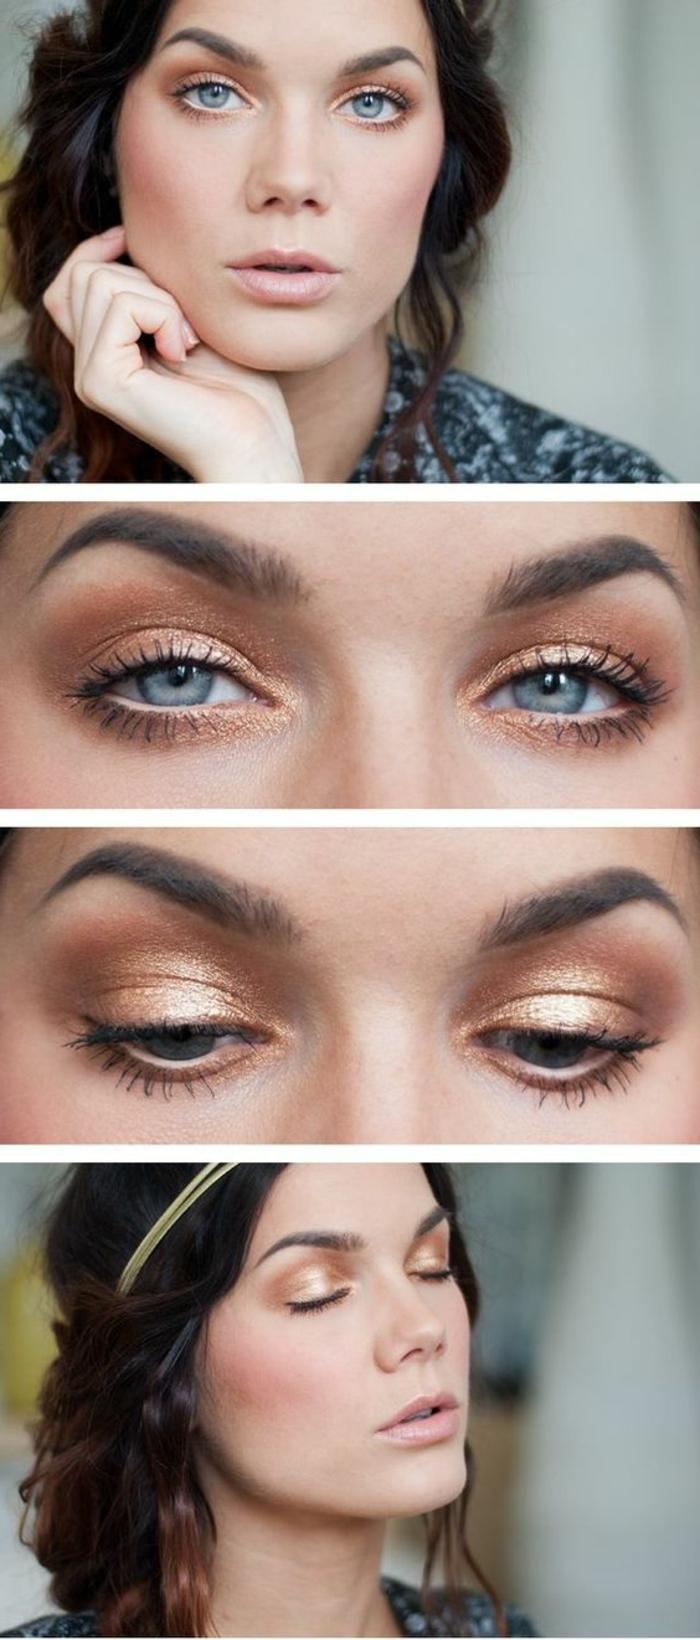 maquillage-doré-pour-femme-brune-yeux-bleus-idée-maquillage-naturel